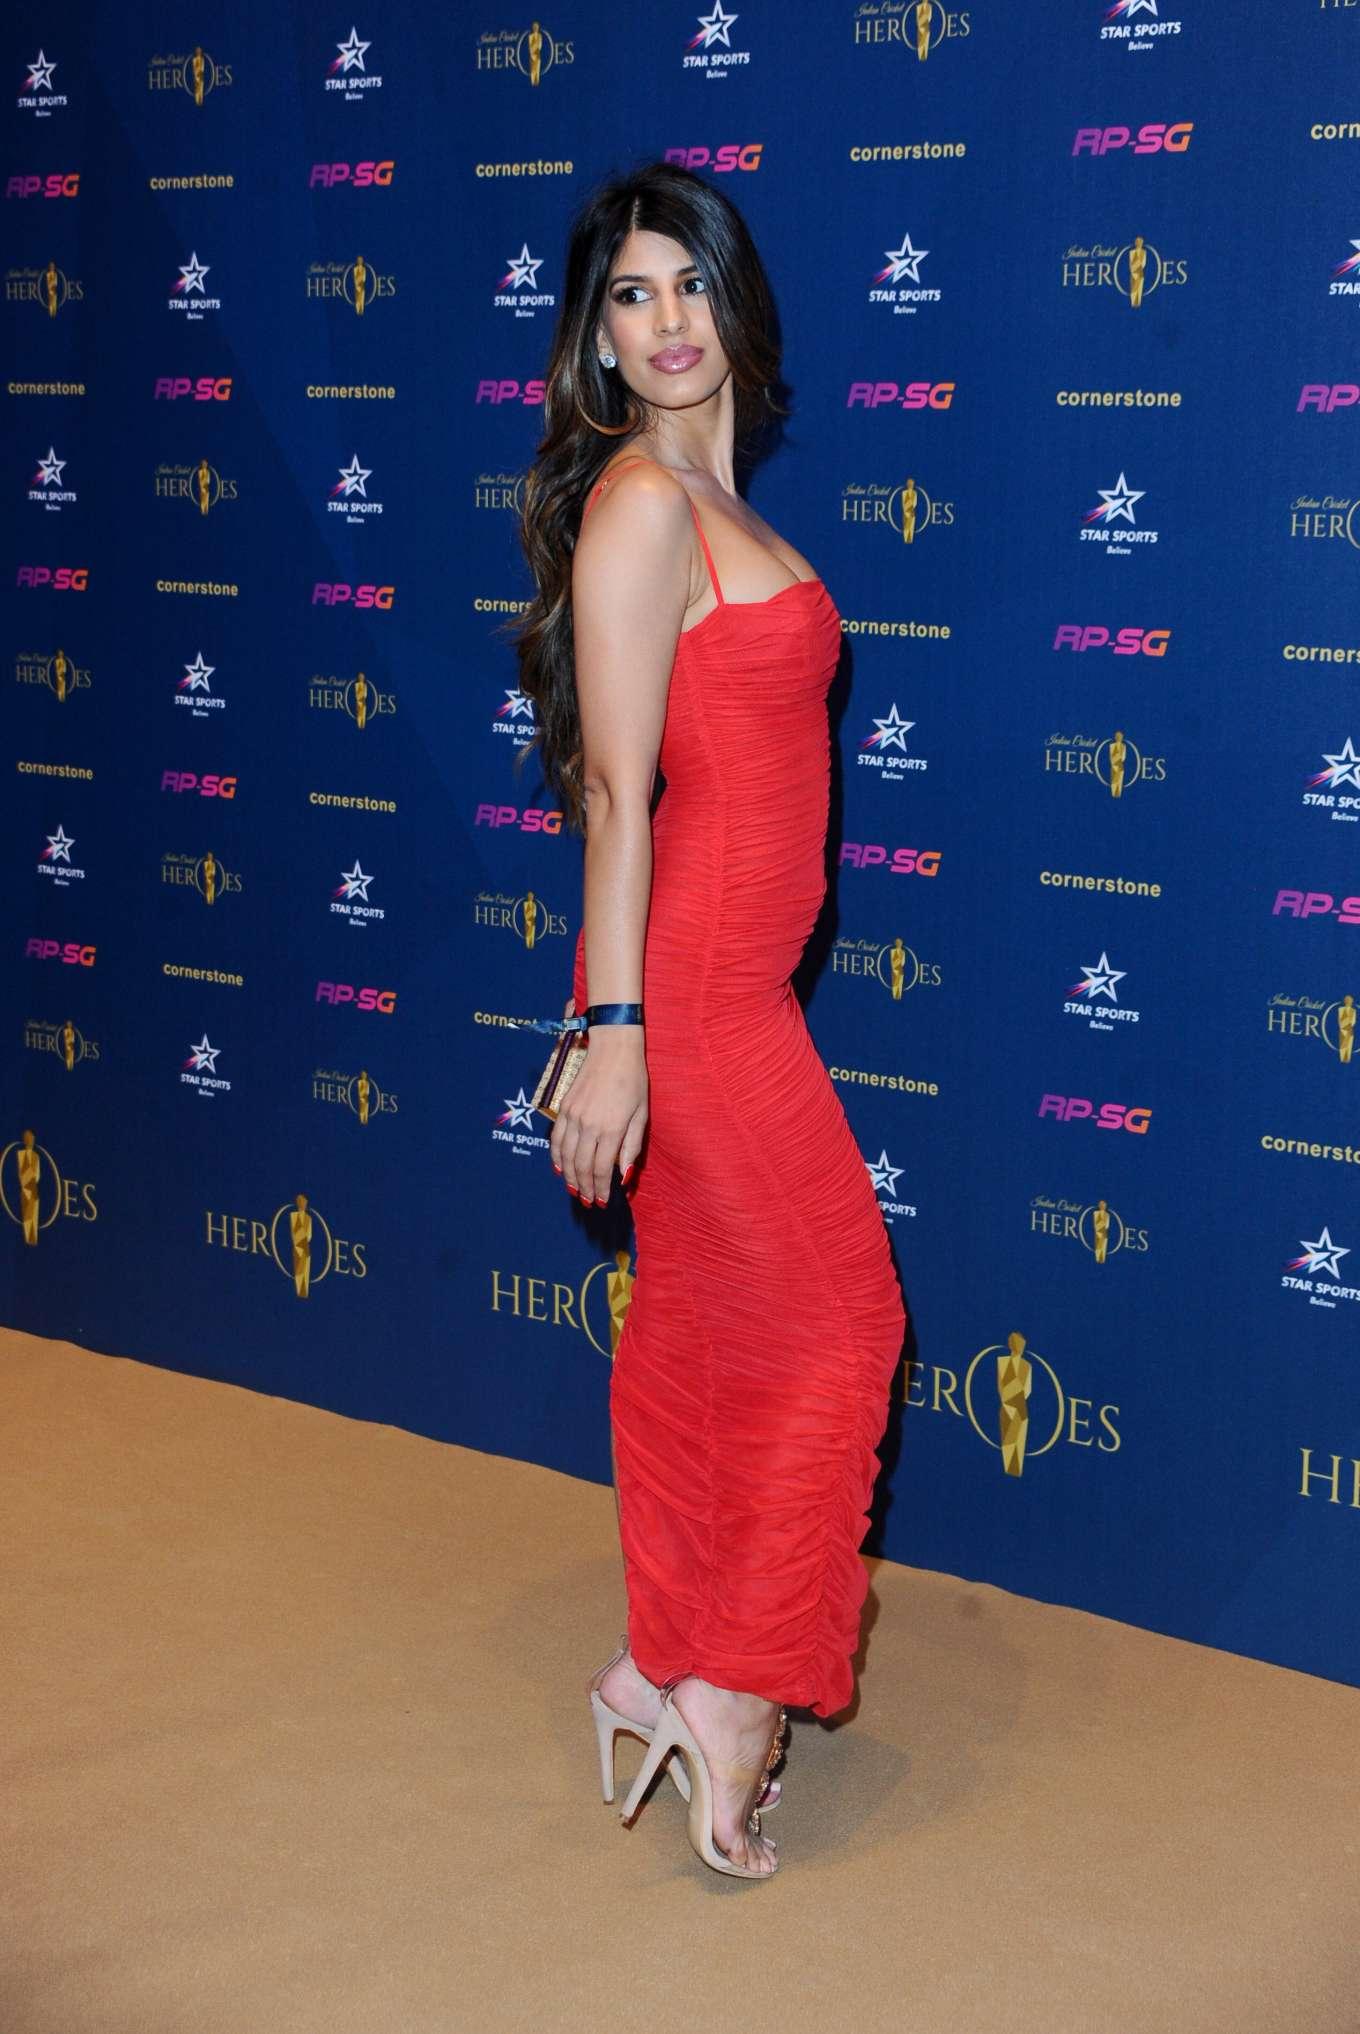 Jasmin Walia 2019 : Jasmin Walia: Indian Cricket Heroes Awards 2019-06